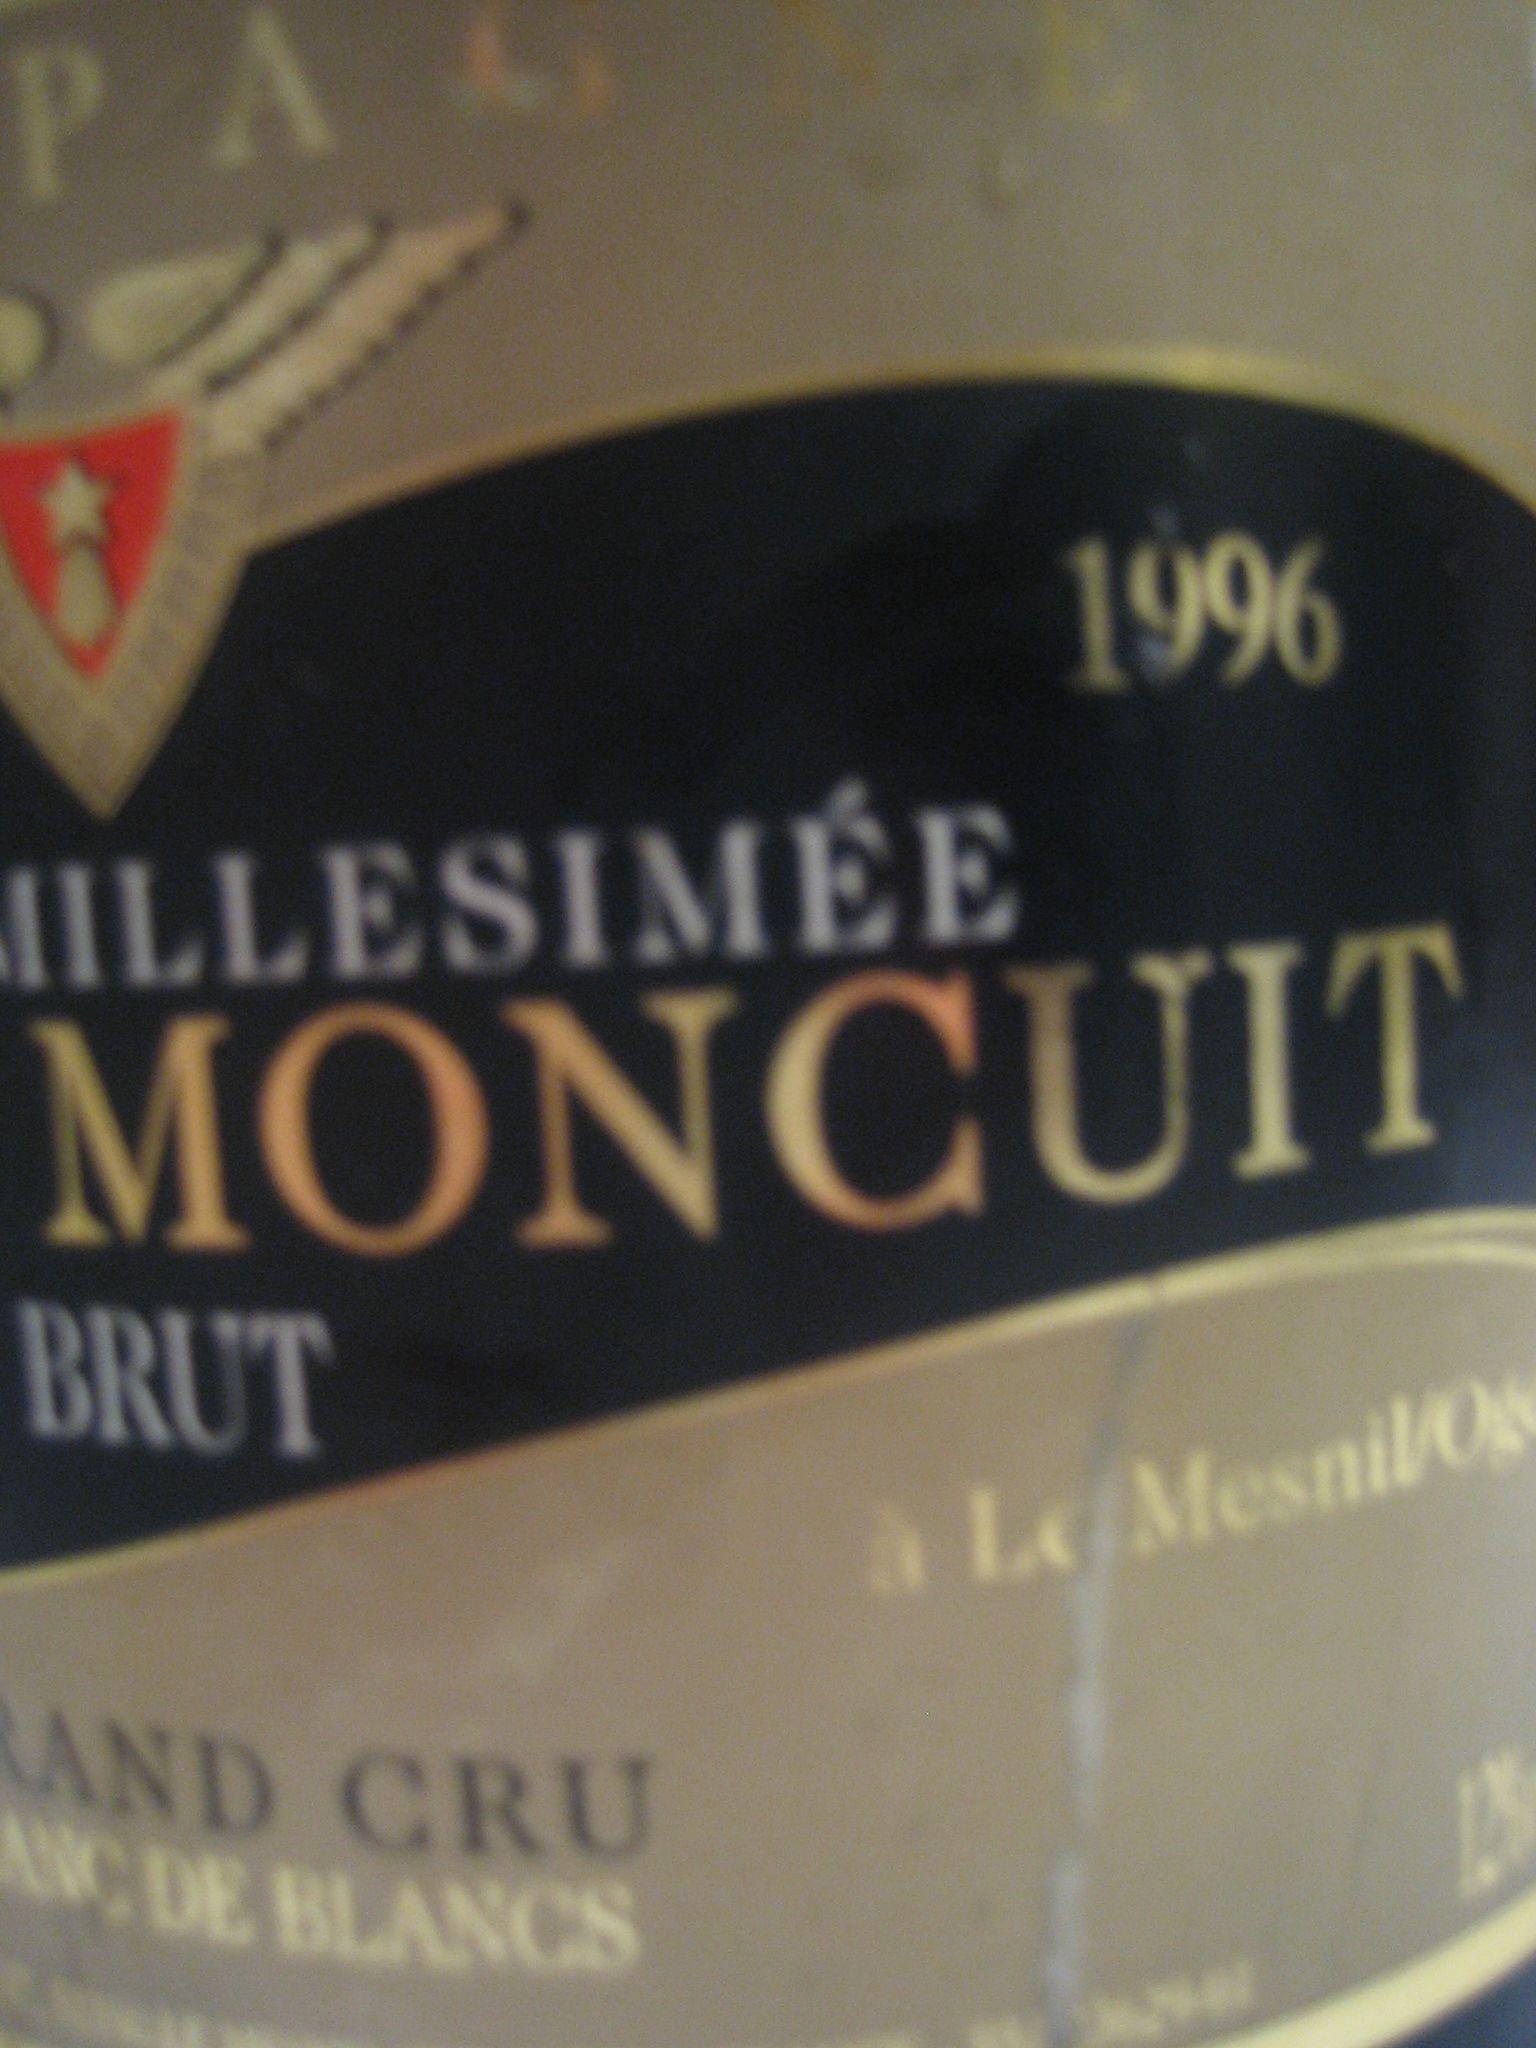 Pierre Moncuit Millesime 1996. Grande annata, grande Champagne (...e grande bottiglia)